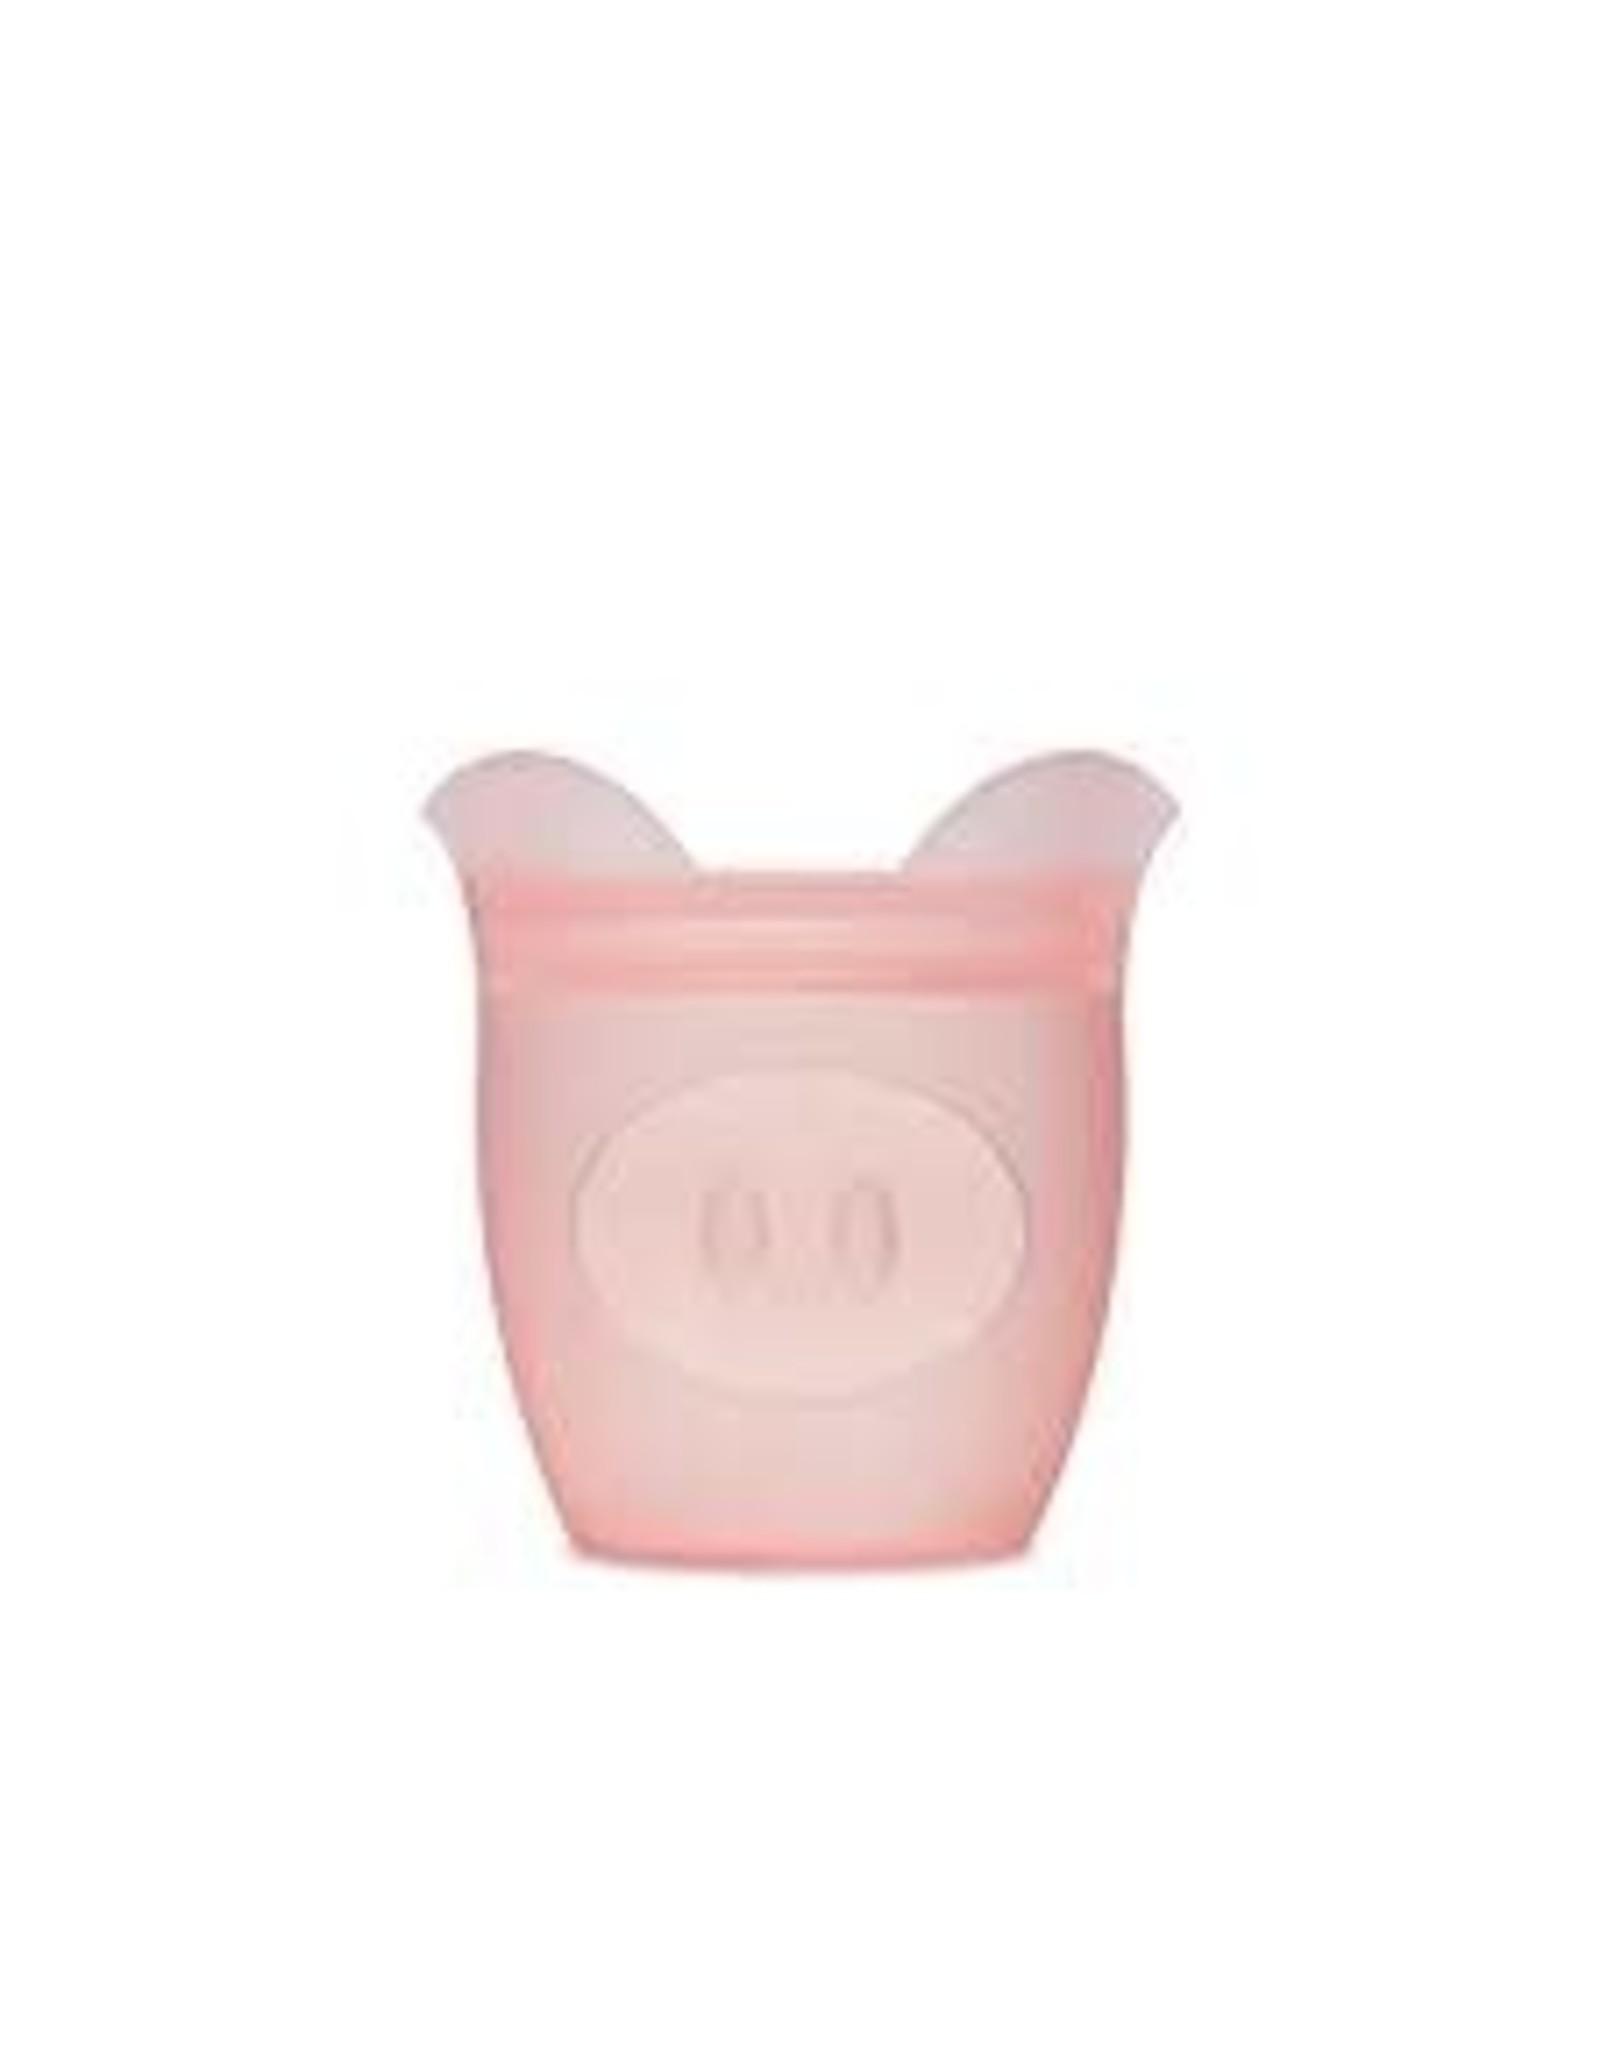 Ziptop Zip Top - Baby Snack Container - Pig - Pink